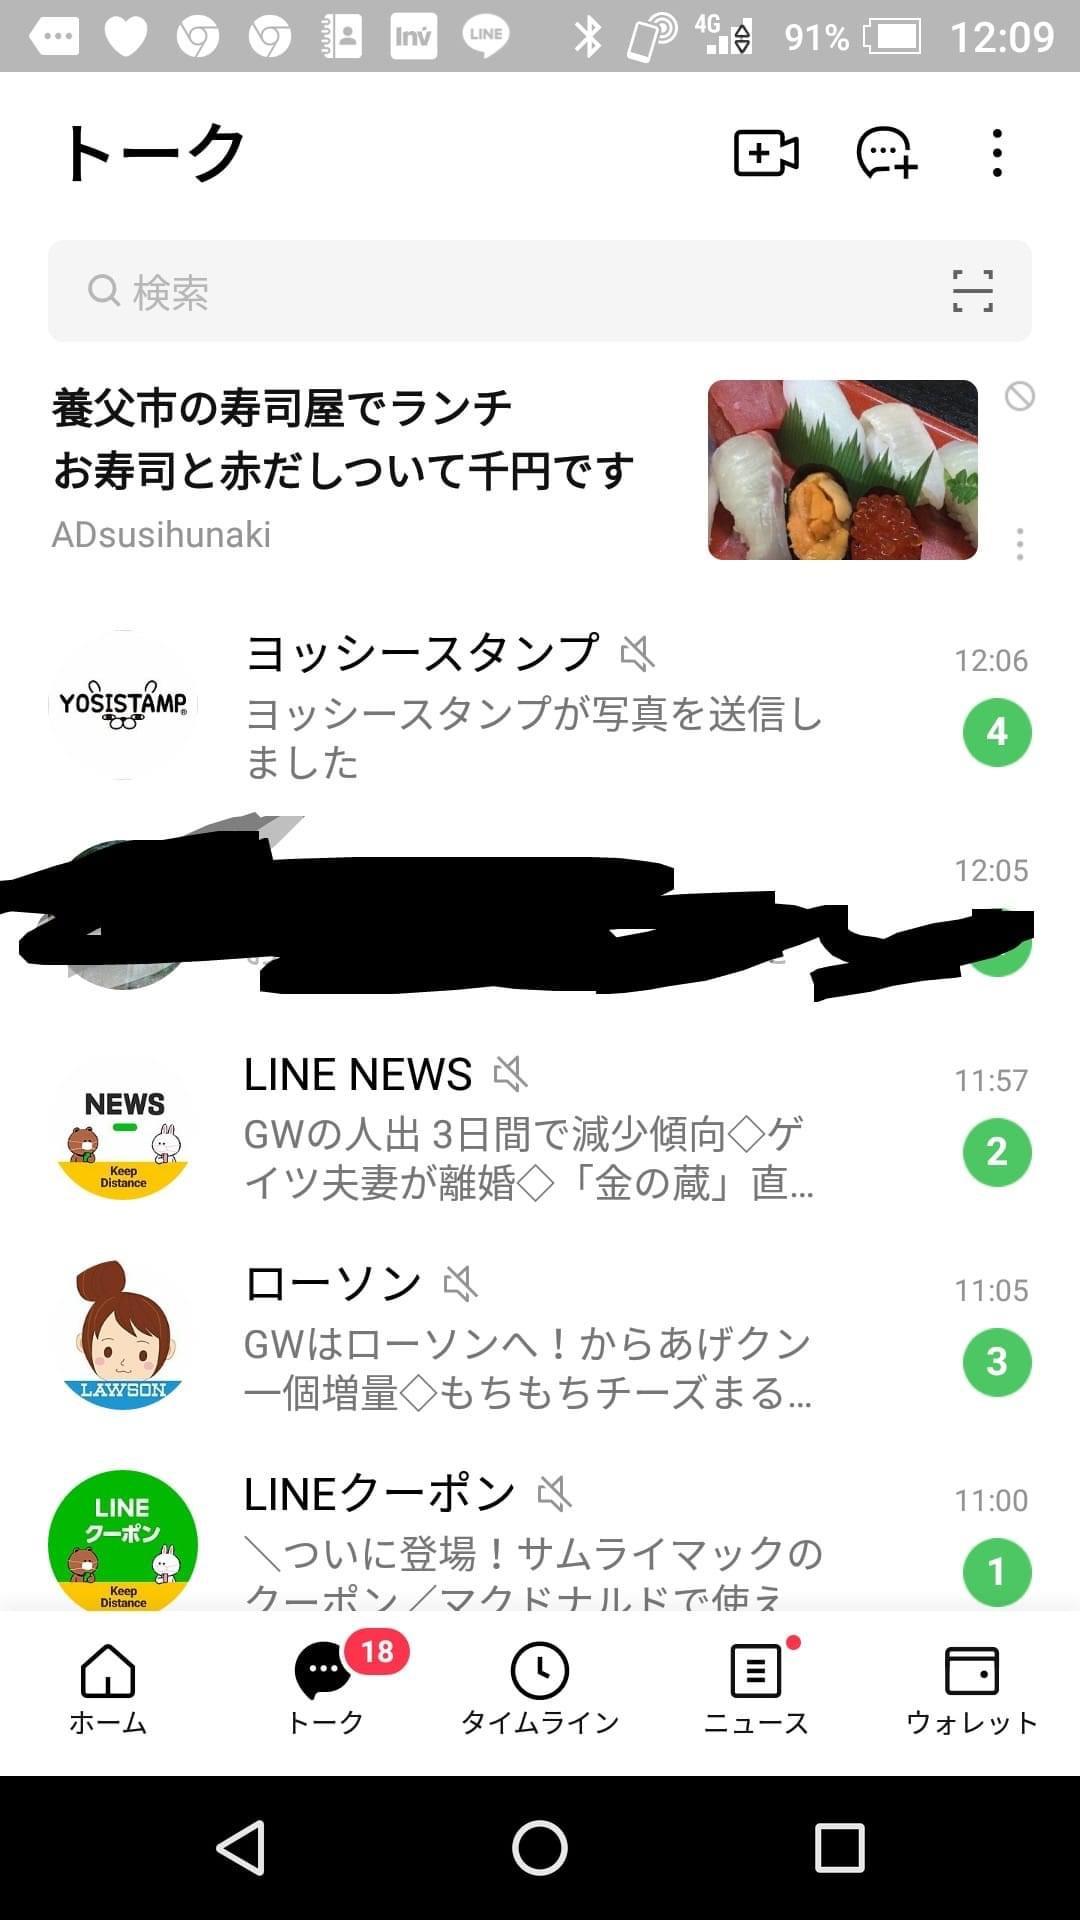 広告配信された画面